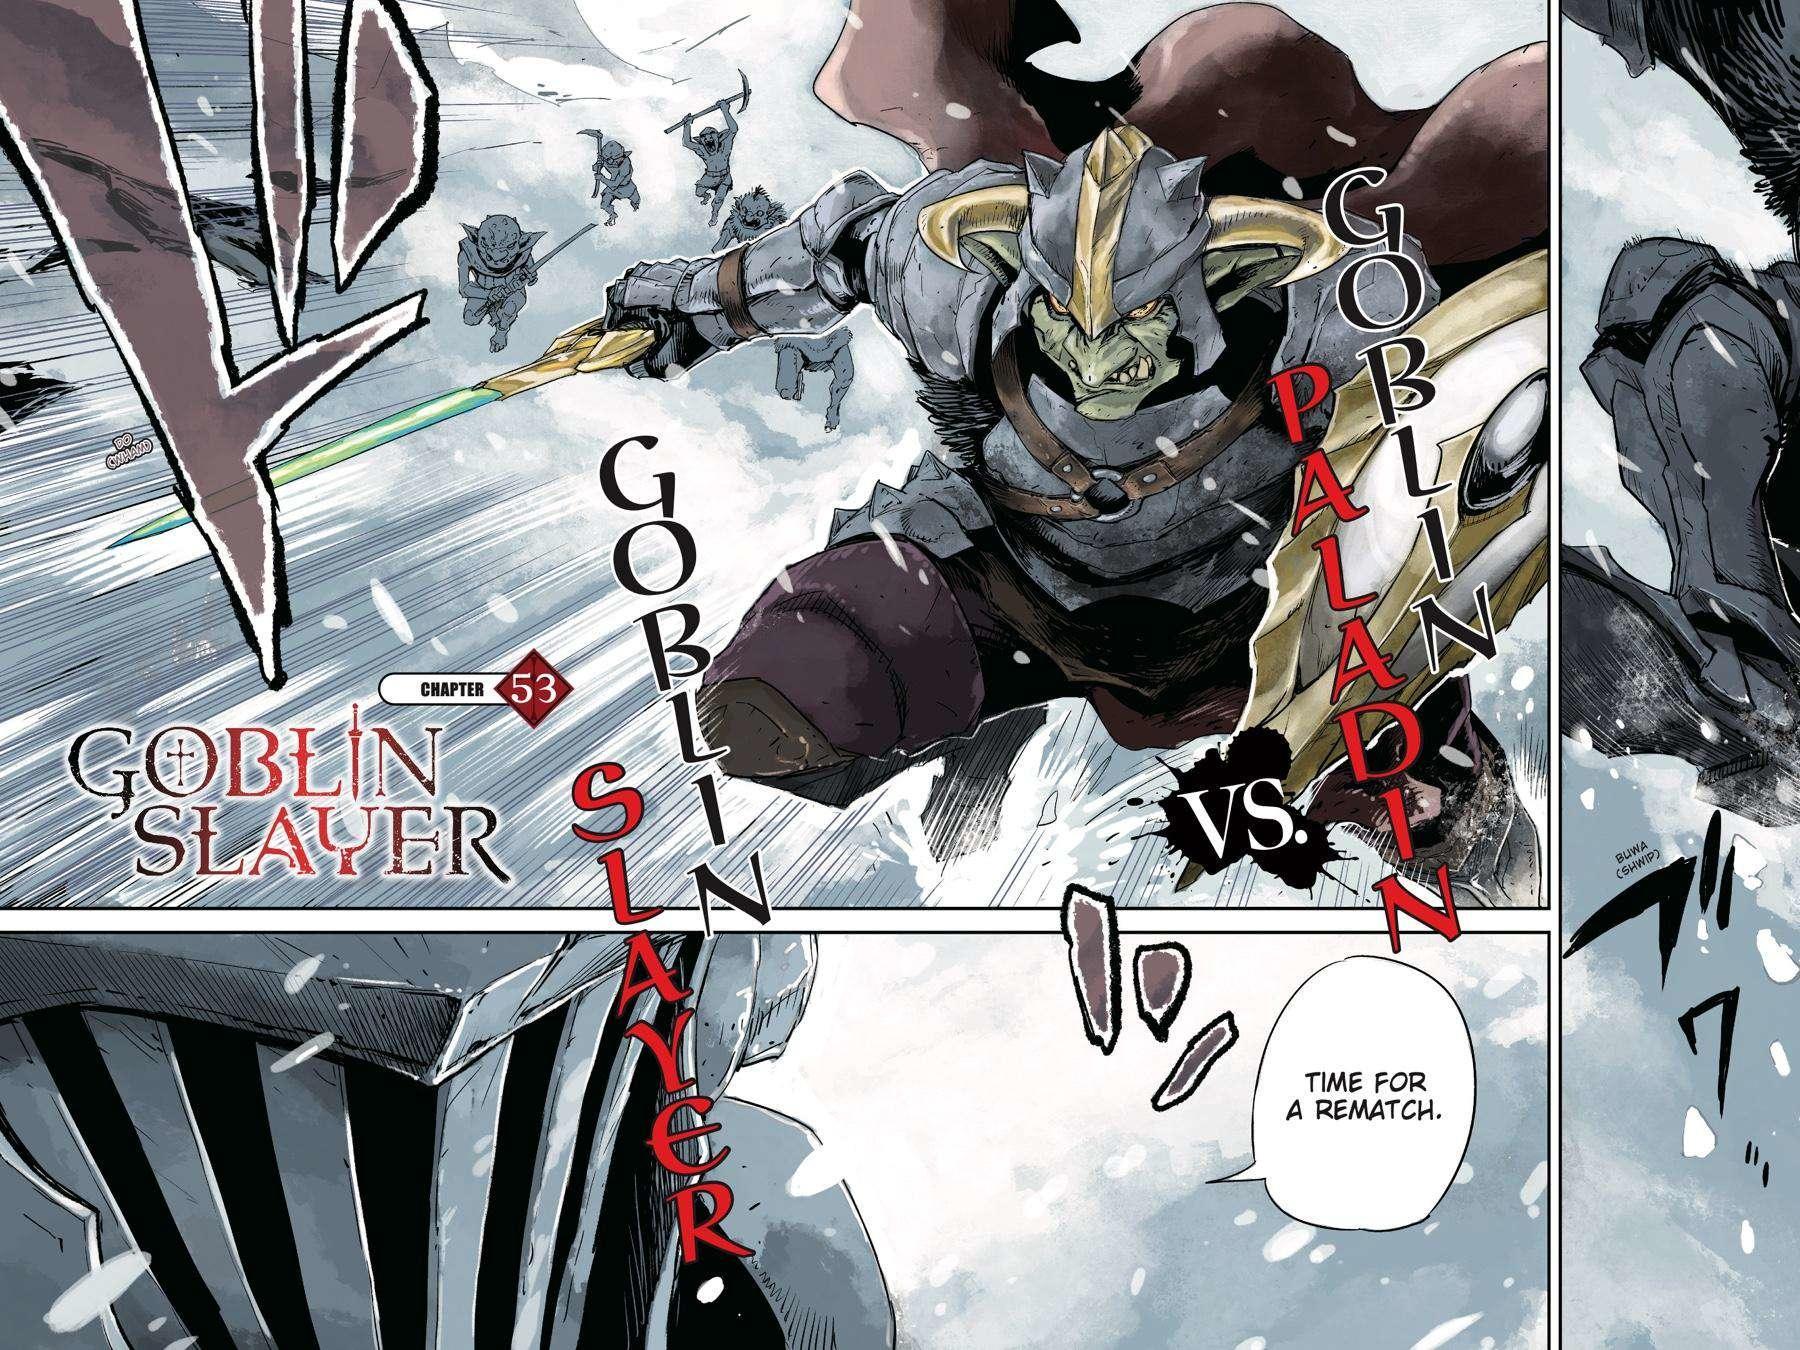 Goblin Slayer Chapter 53 page 3 - Mangakakalot